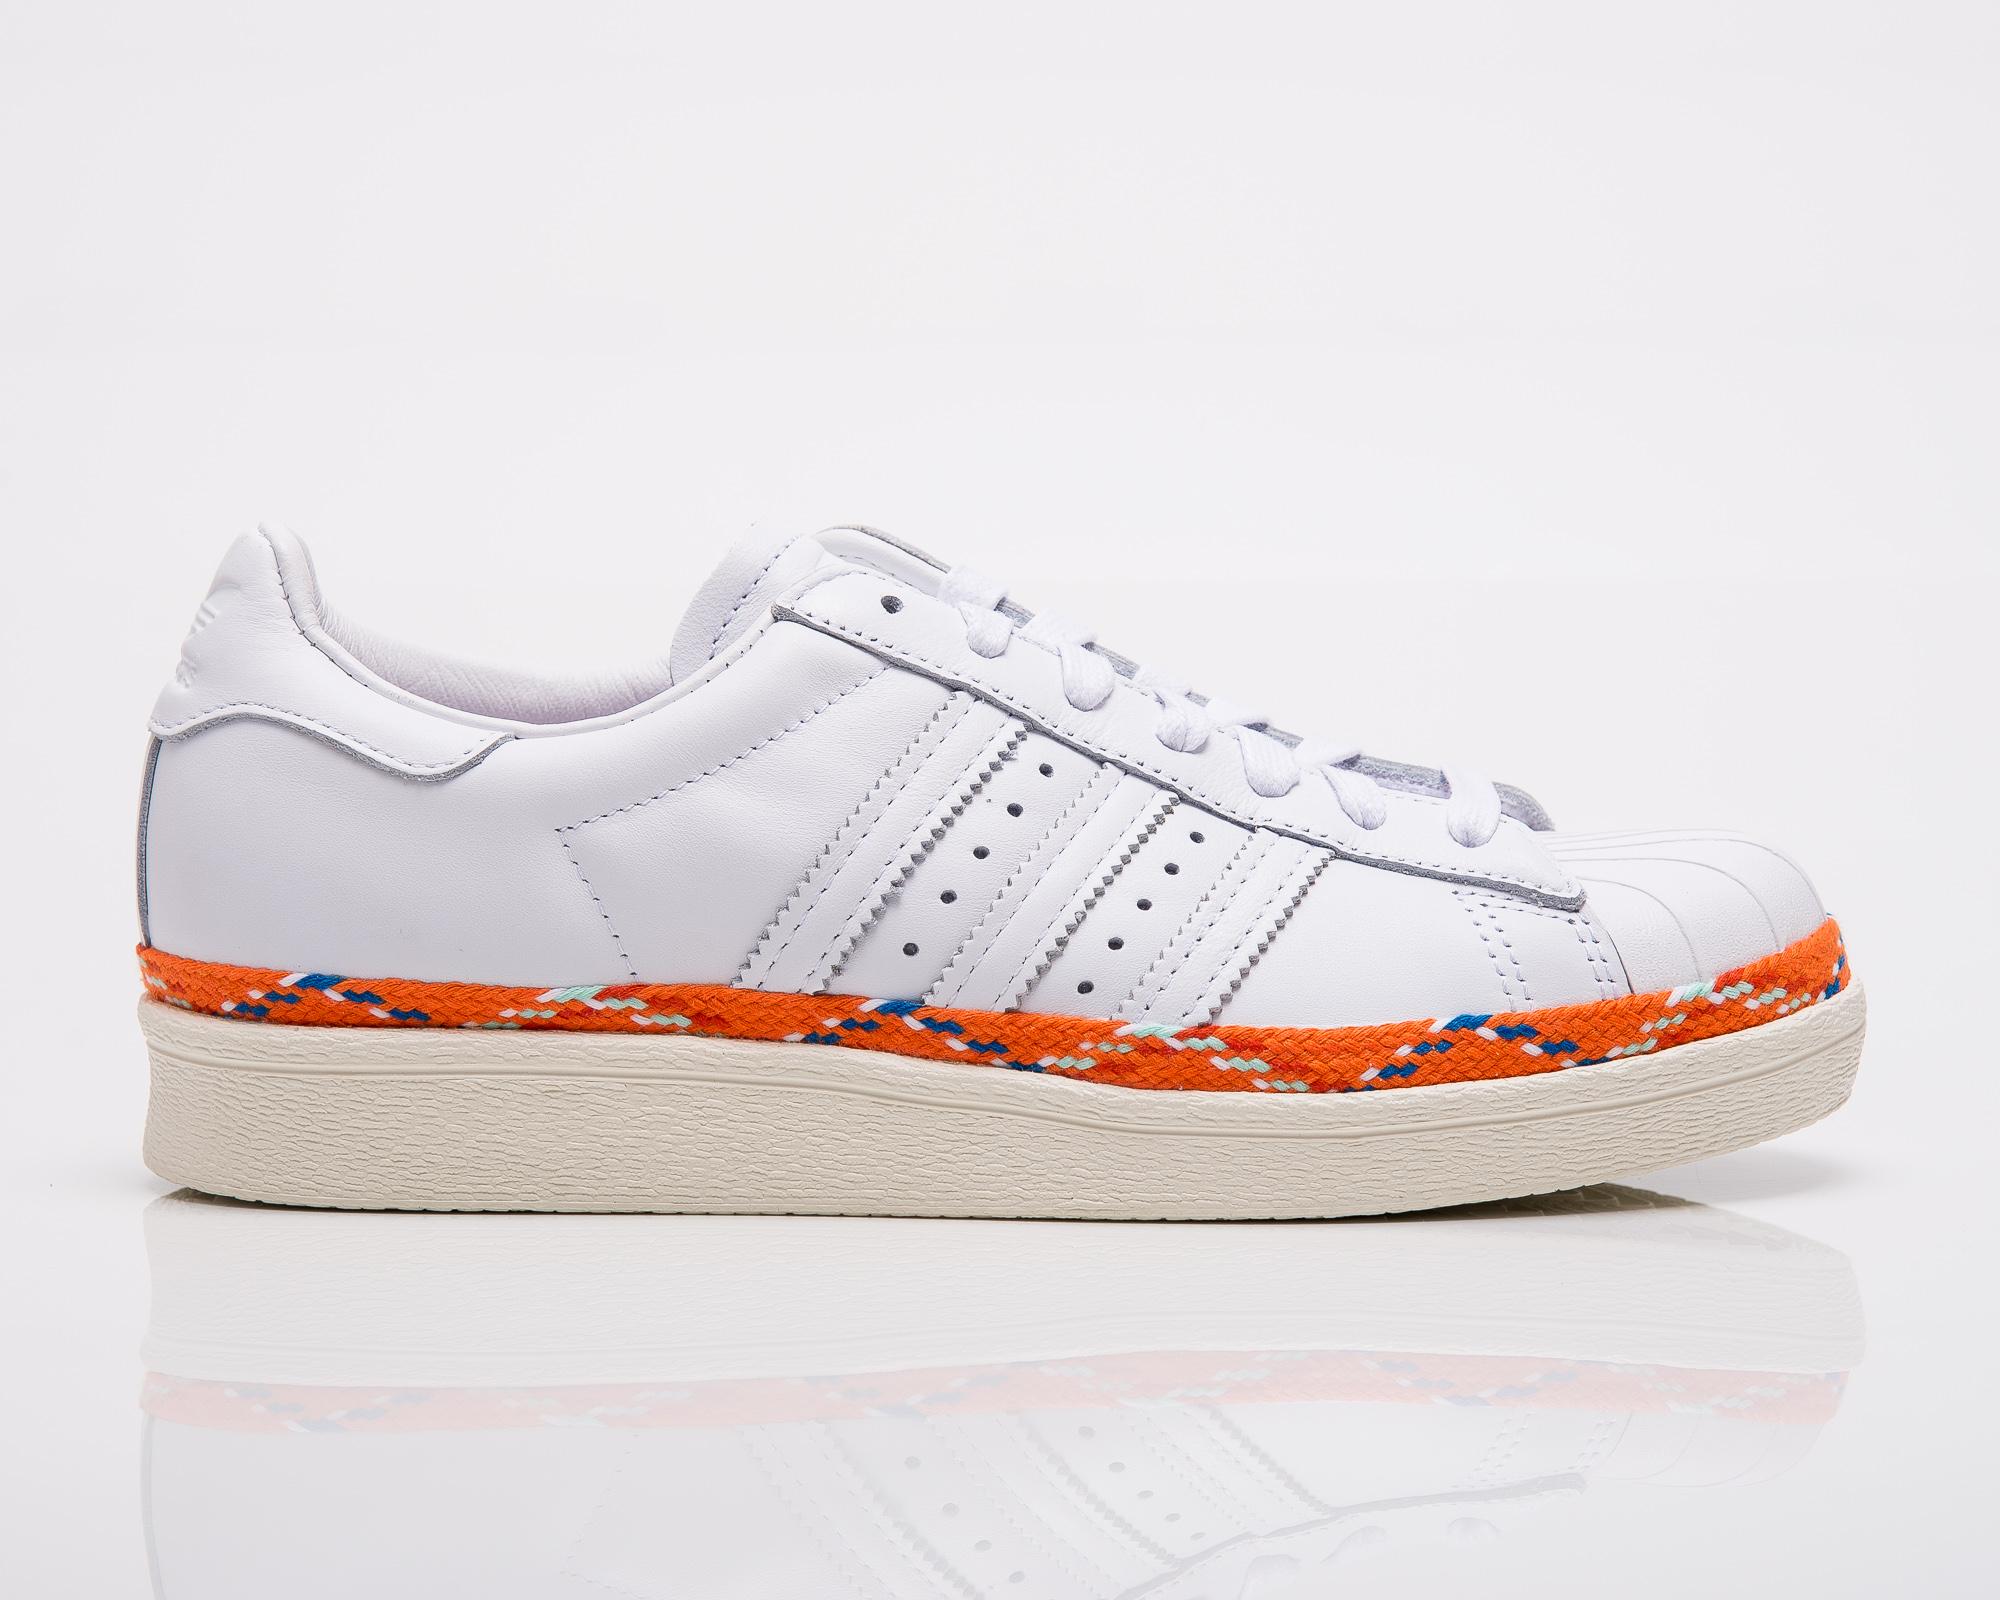 premium selection e0753 f44da adidas Originals Wmns Superstar 80s New Bold